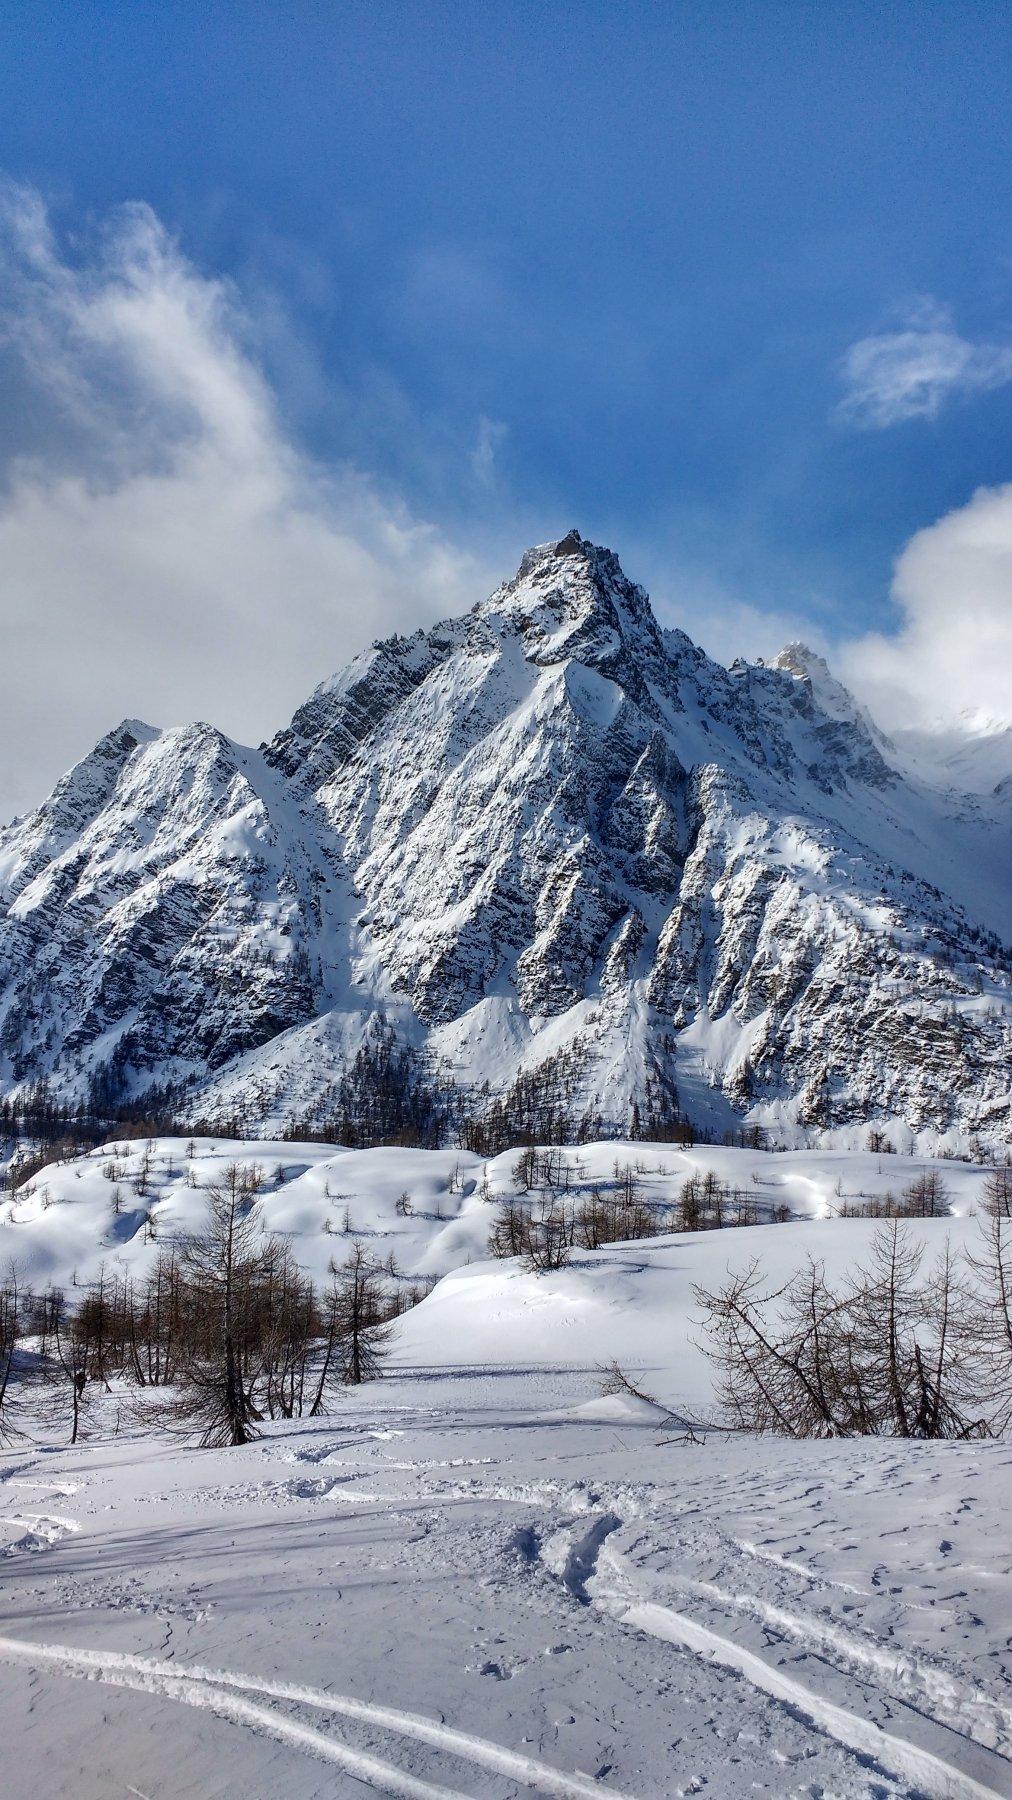 Neve fresca scendendo dalla cima.